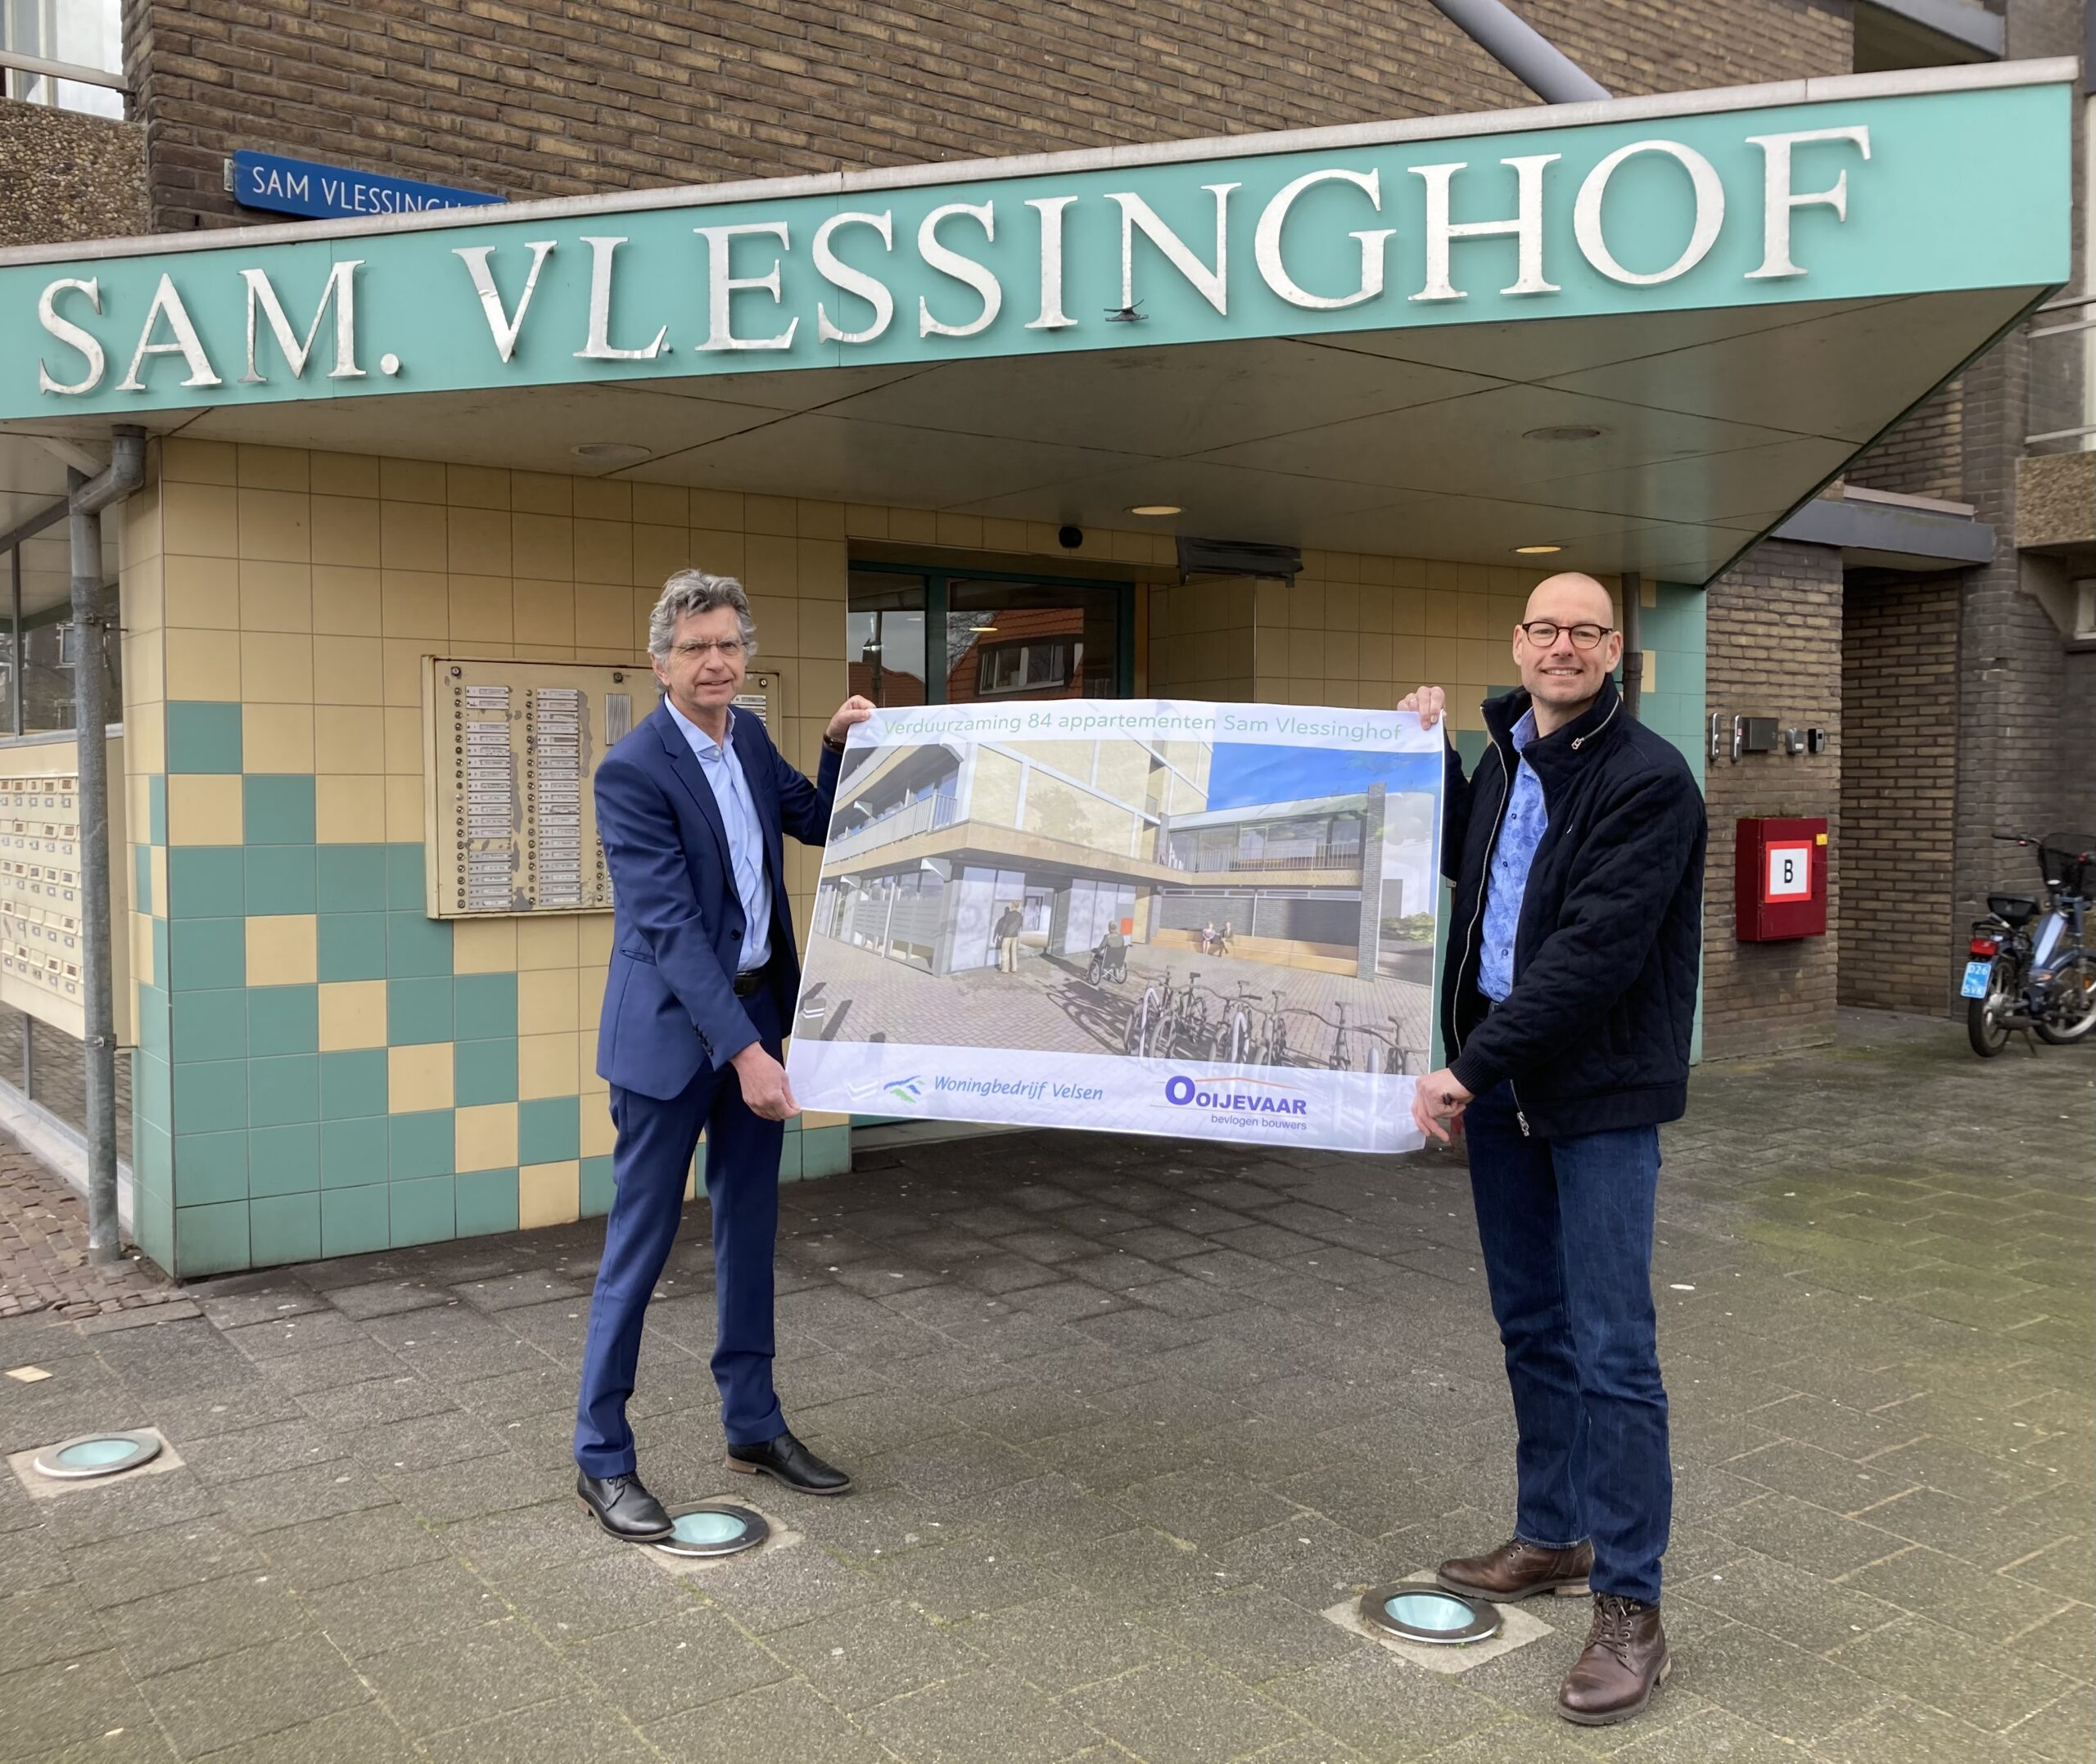 Ooijevaar Verduurzaamt 84 Woningen Sam Vlessinghof IJmuiden